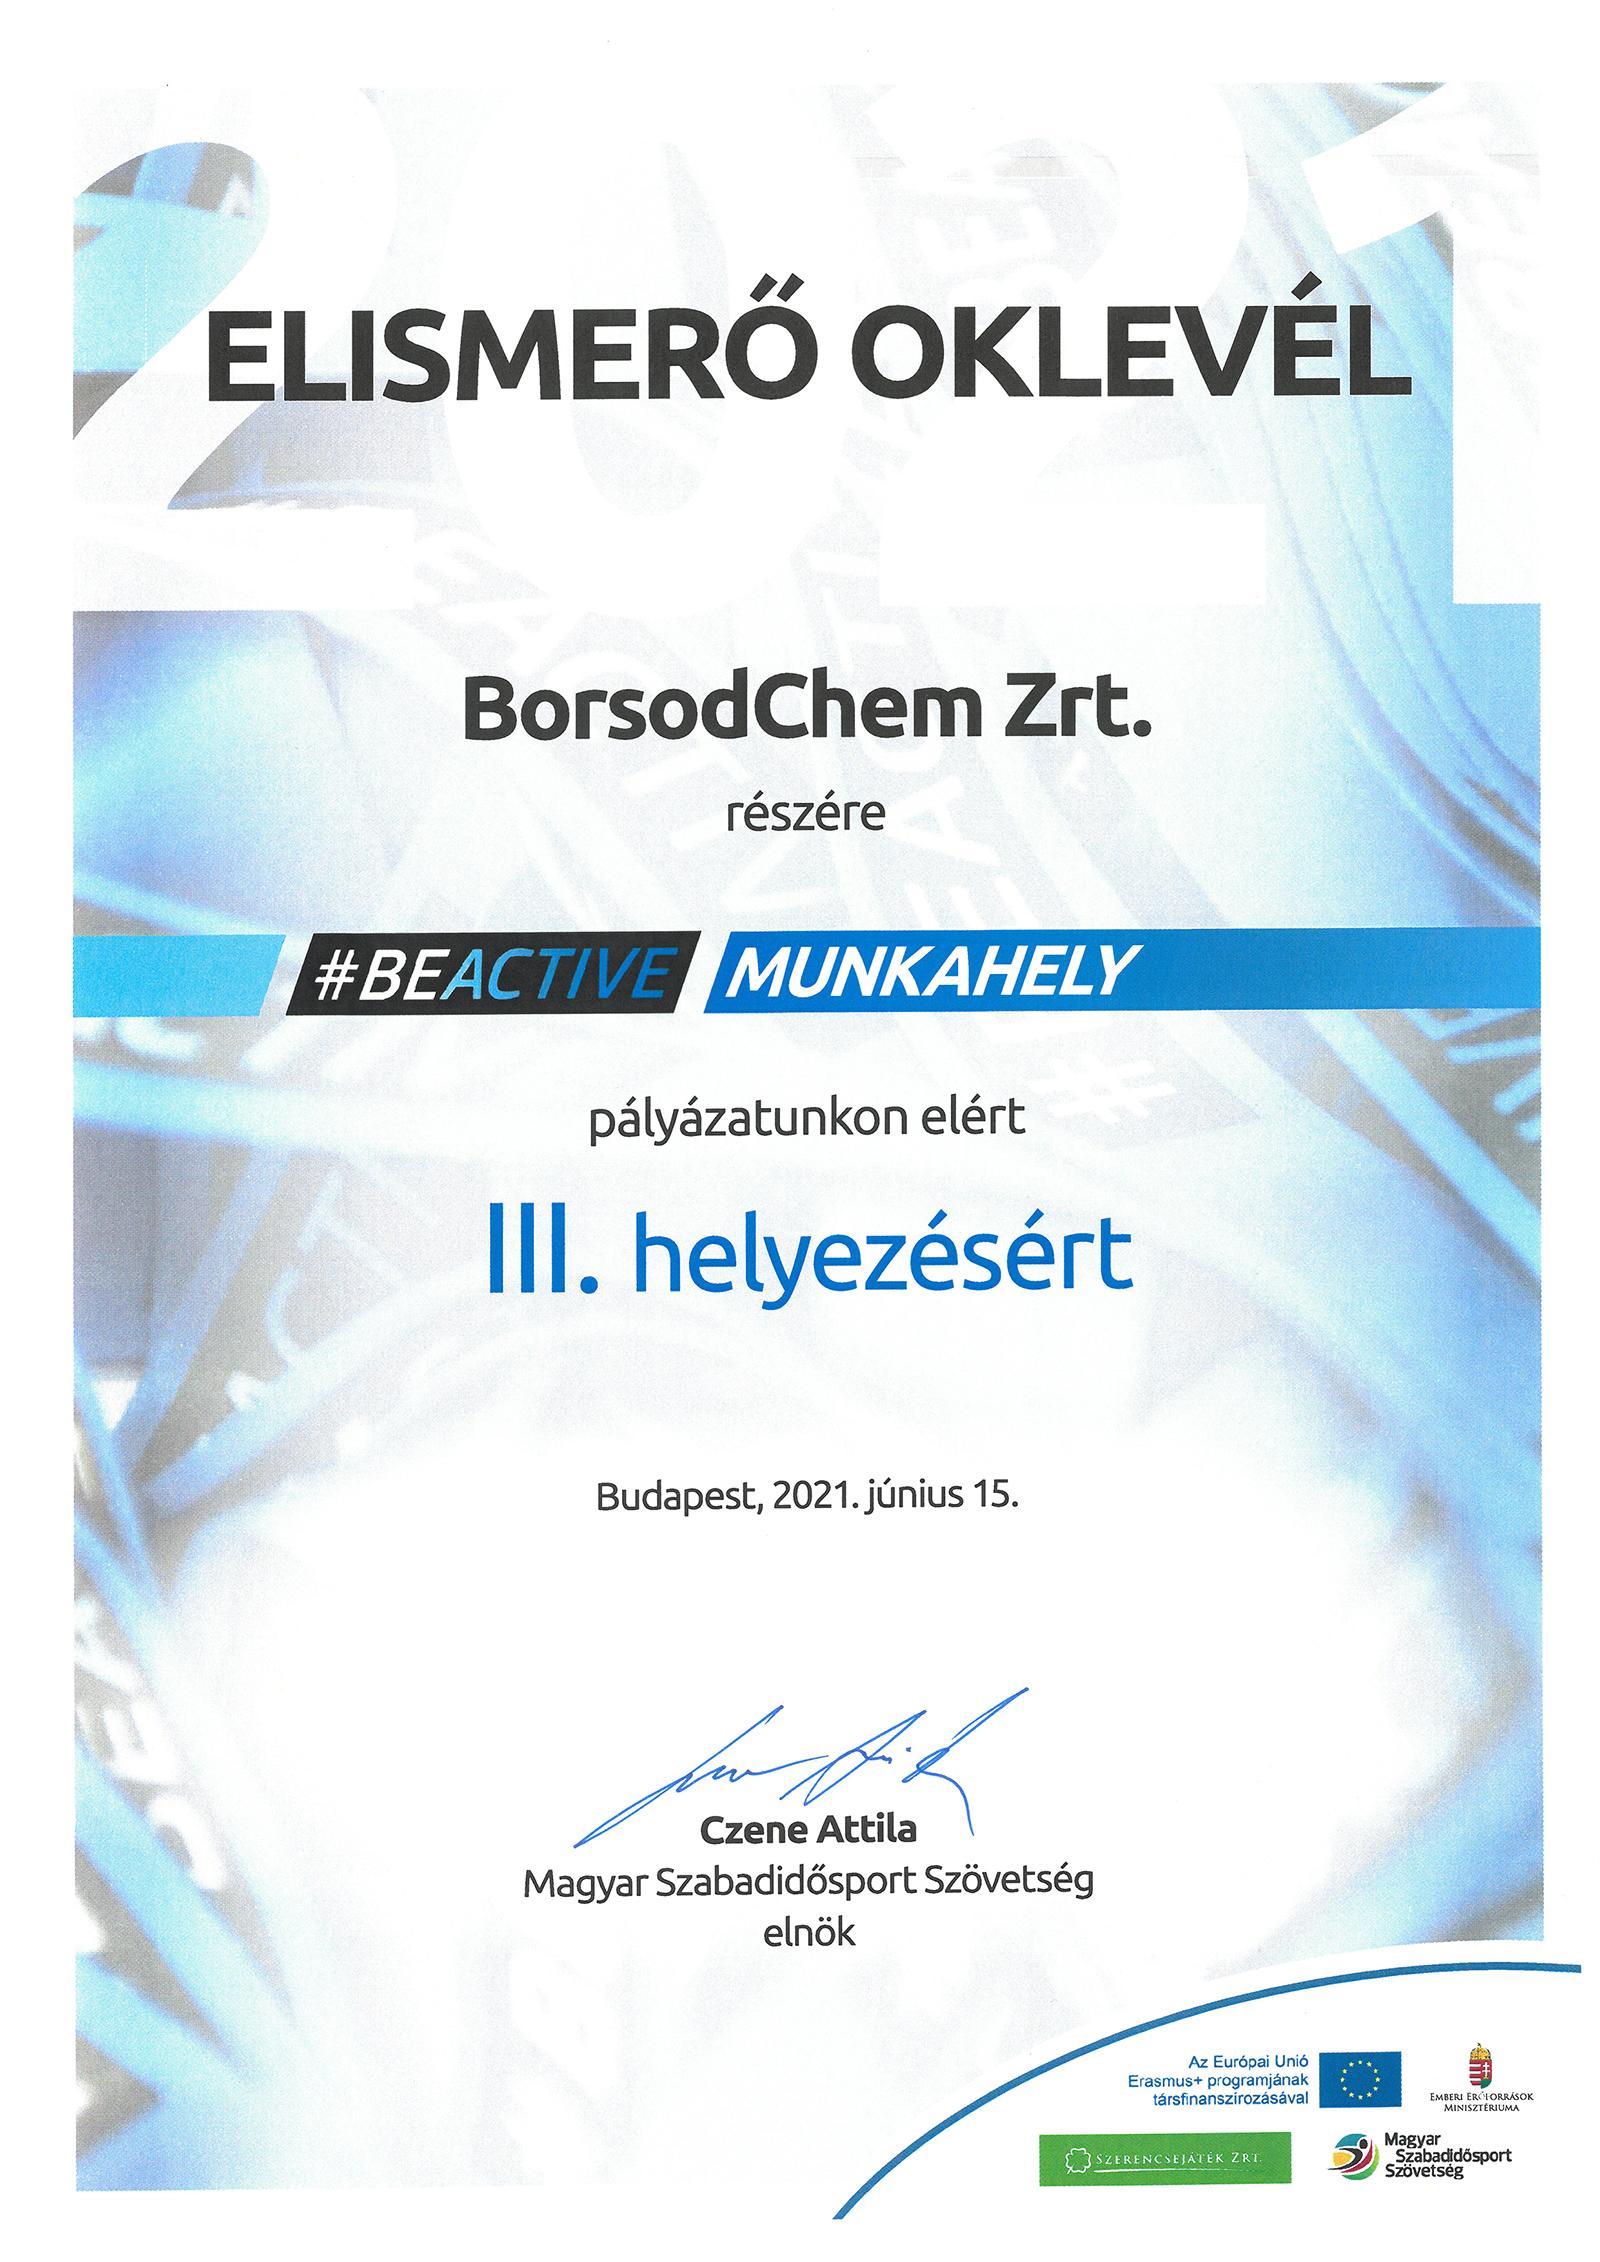 BeActive_oklevel_2021_LR